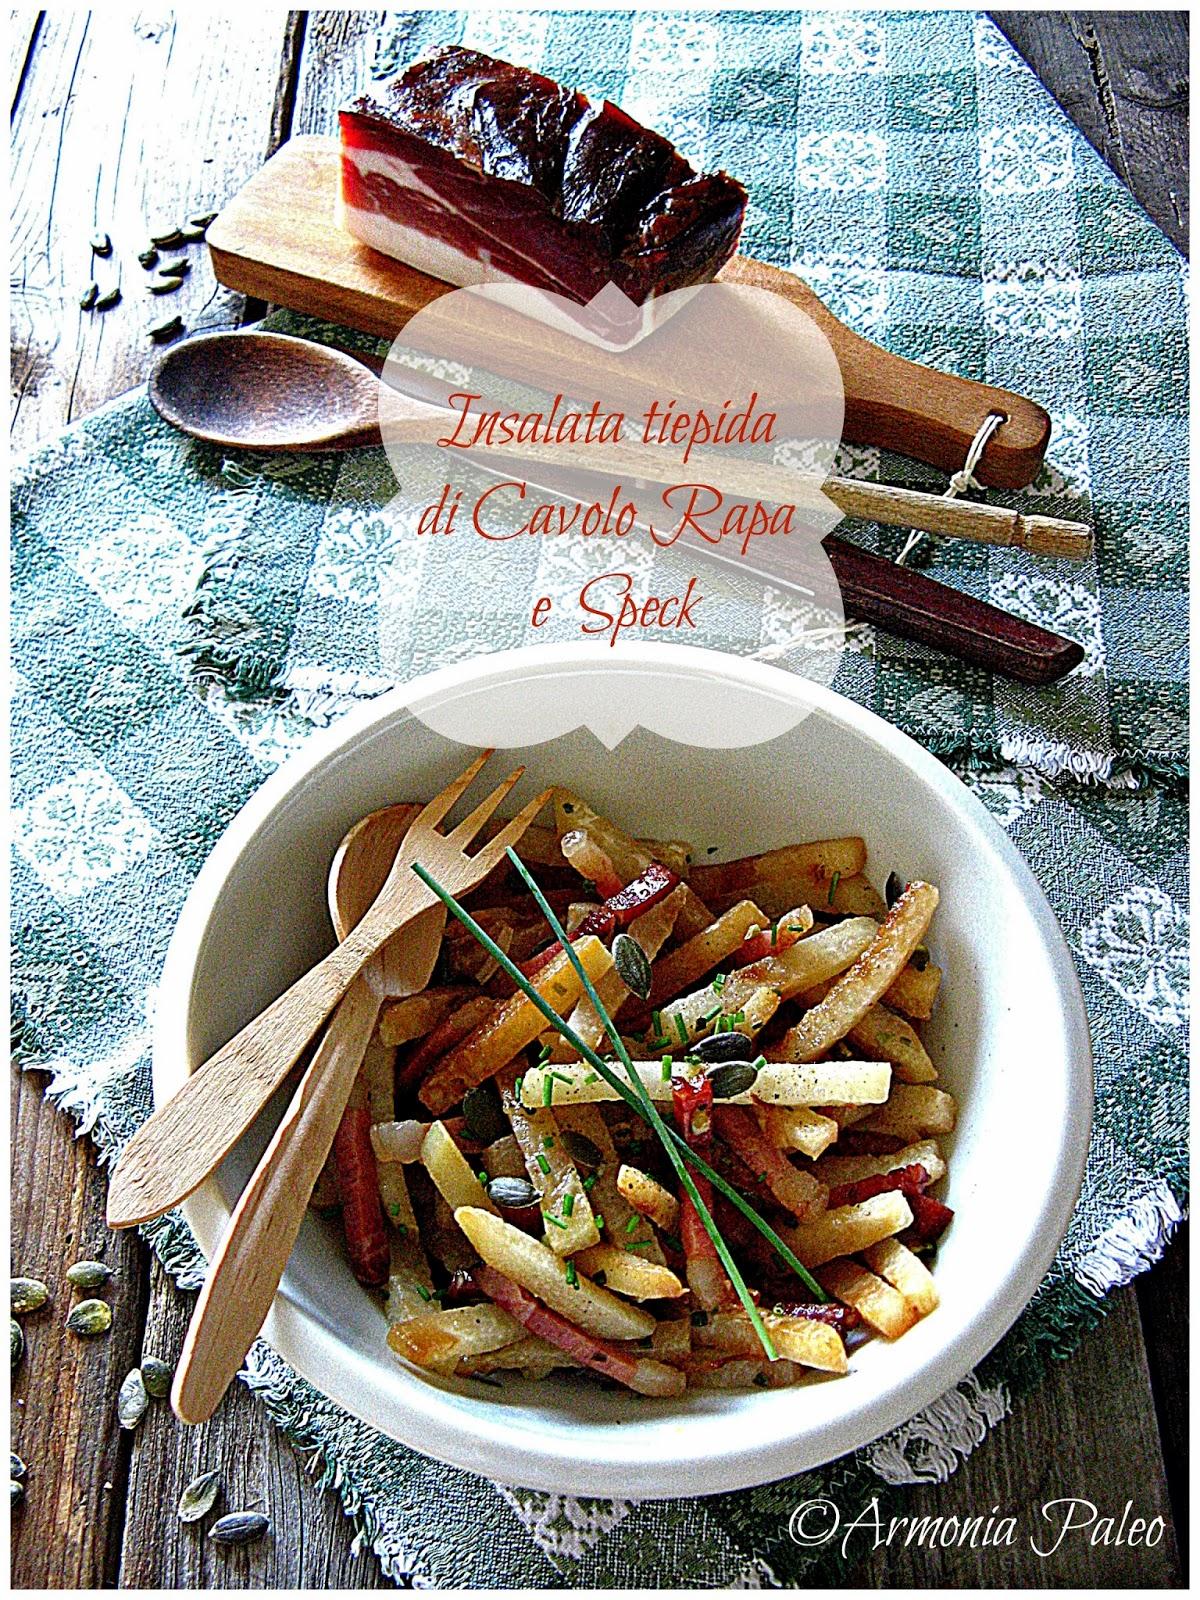 insalata tiepida di cavolo rapa e speck